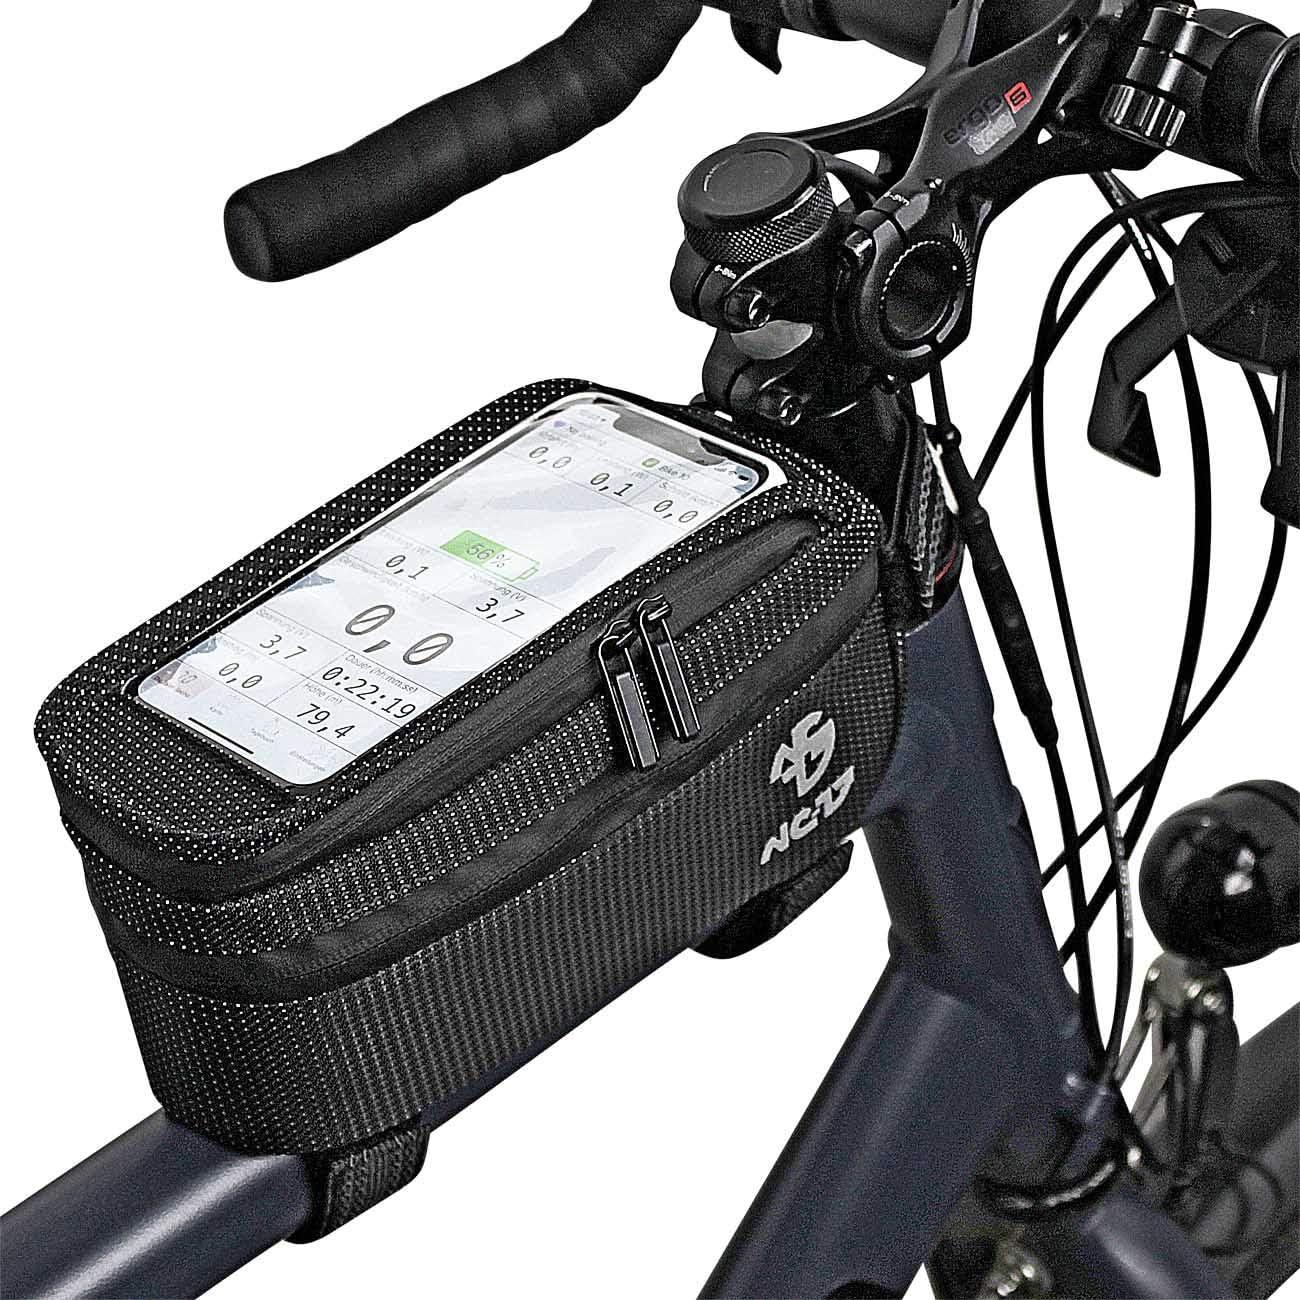 Compartiment de Rangement et Passe-c/âbles pour Smartphones de Toutes Tailles XL NC-17 Connect Universal XL Sacoche pour Tube sup/érieur Dot//v/élo//Smartphone avec Fermeture Velcro